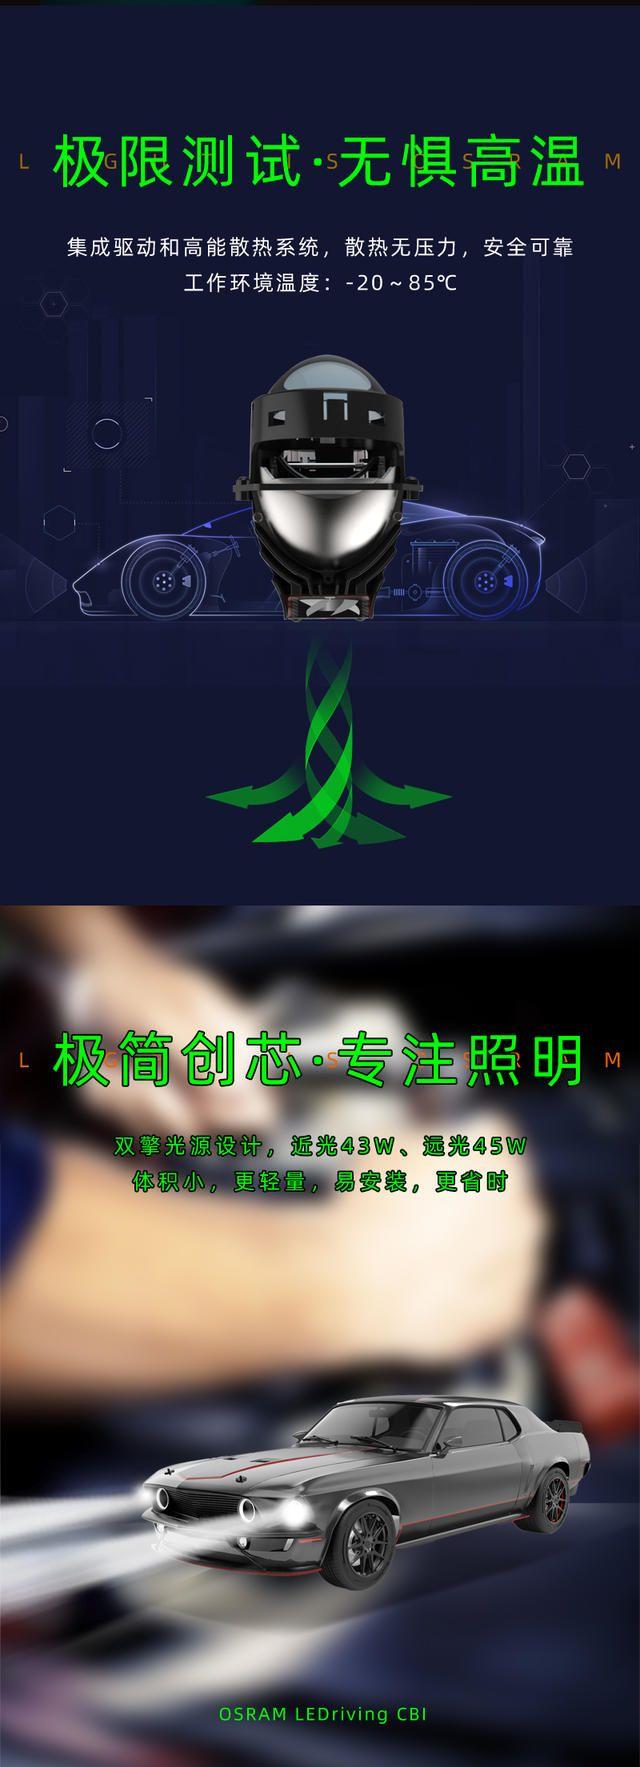 mmexport1583122288337.jpg